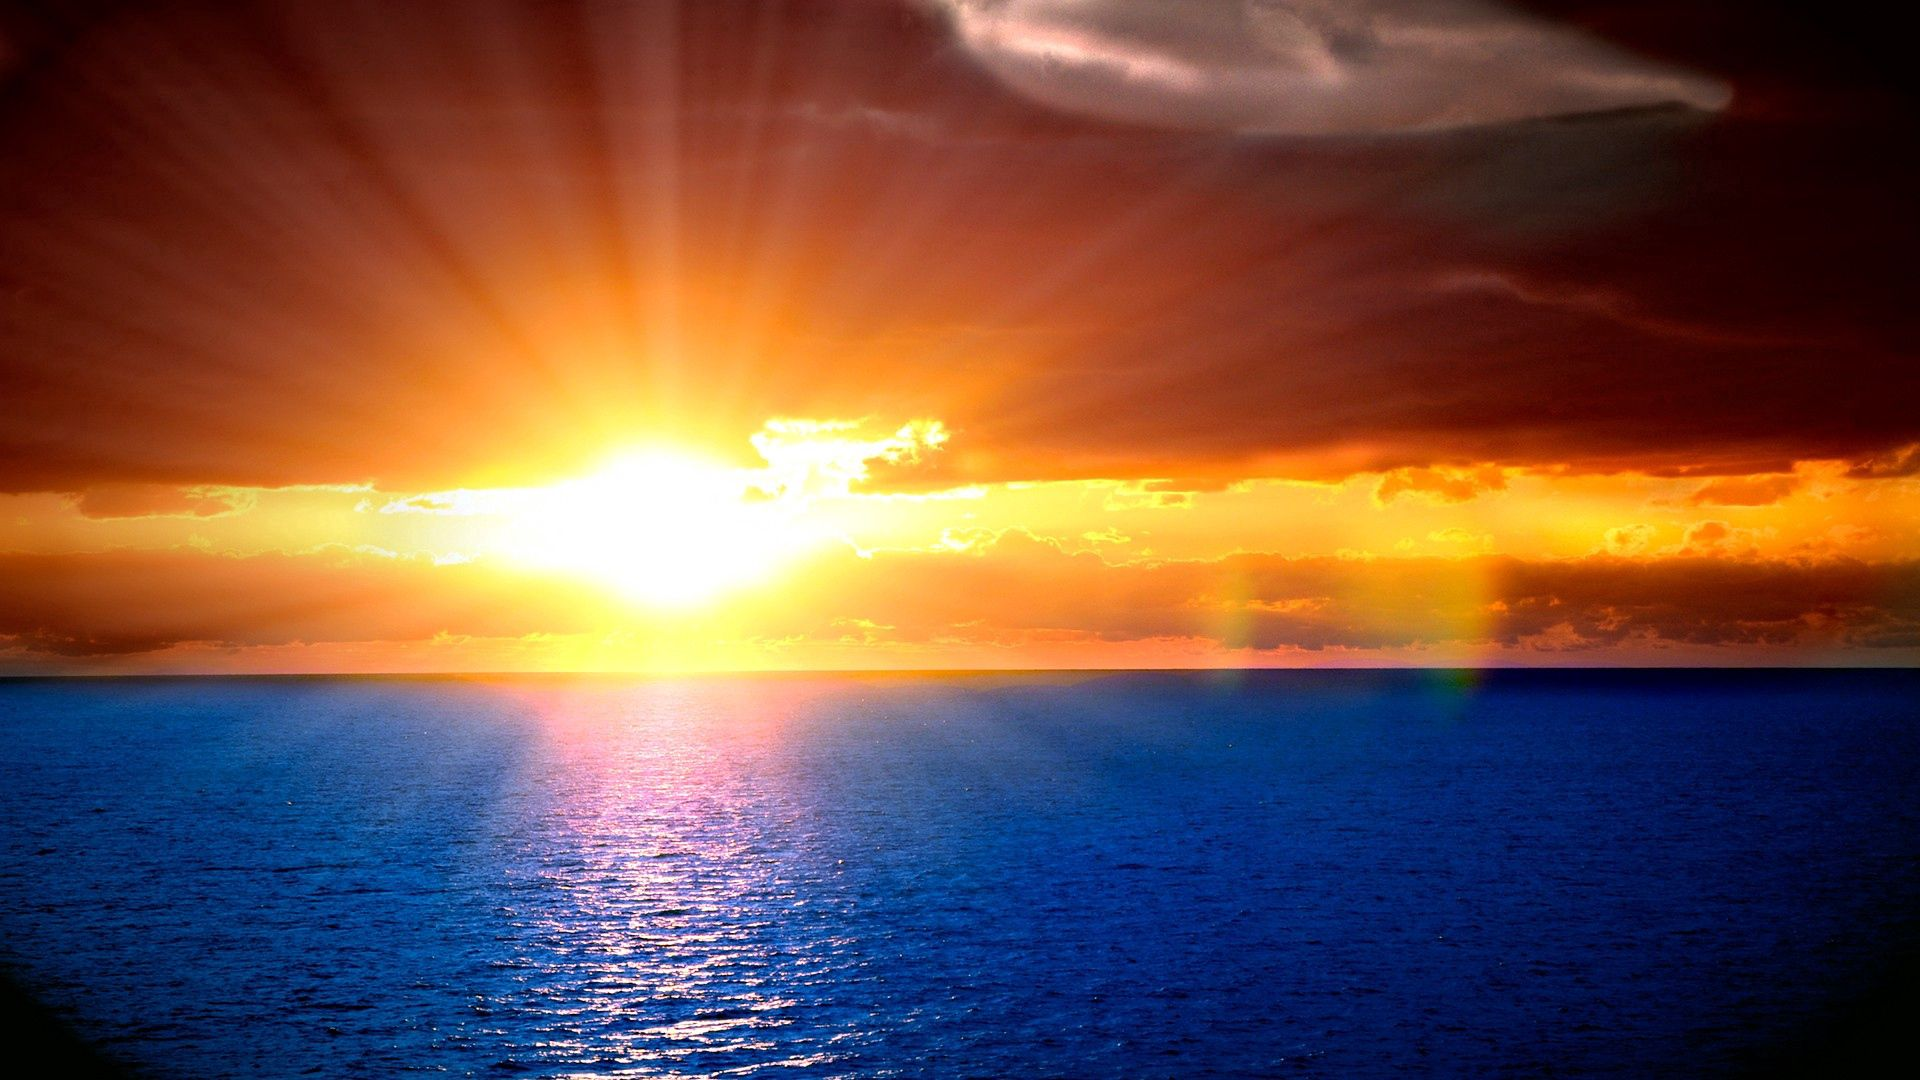 100960 télécharger le fond d'écran Sun, Ondulations, Sky, Nature, Coucher De Soleil, Mer, Horizon, Briller, Lumière, Poutres, Rayons, Ondulation - économiseurs d'écran et images gratuitement